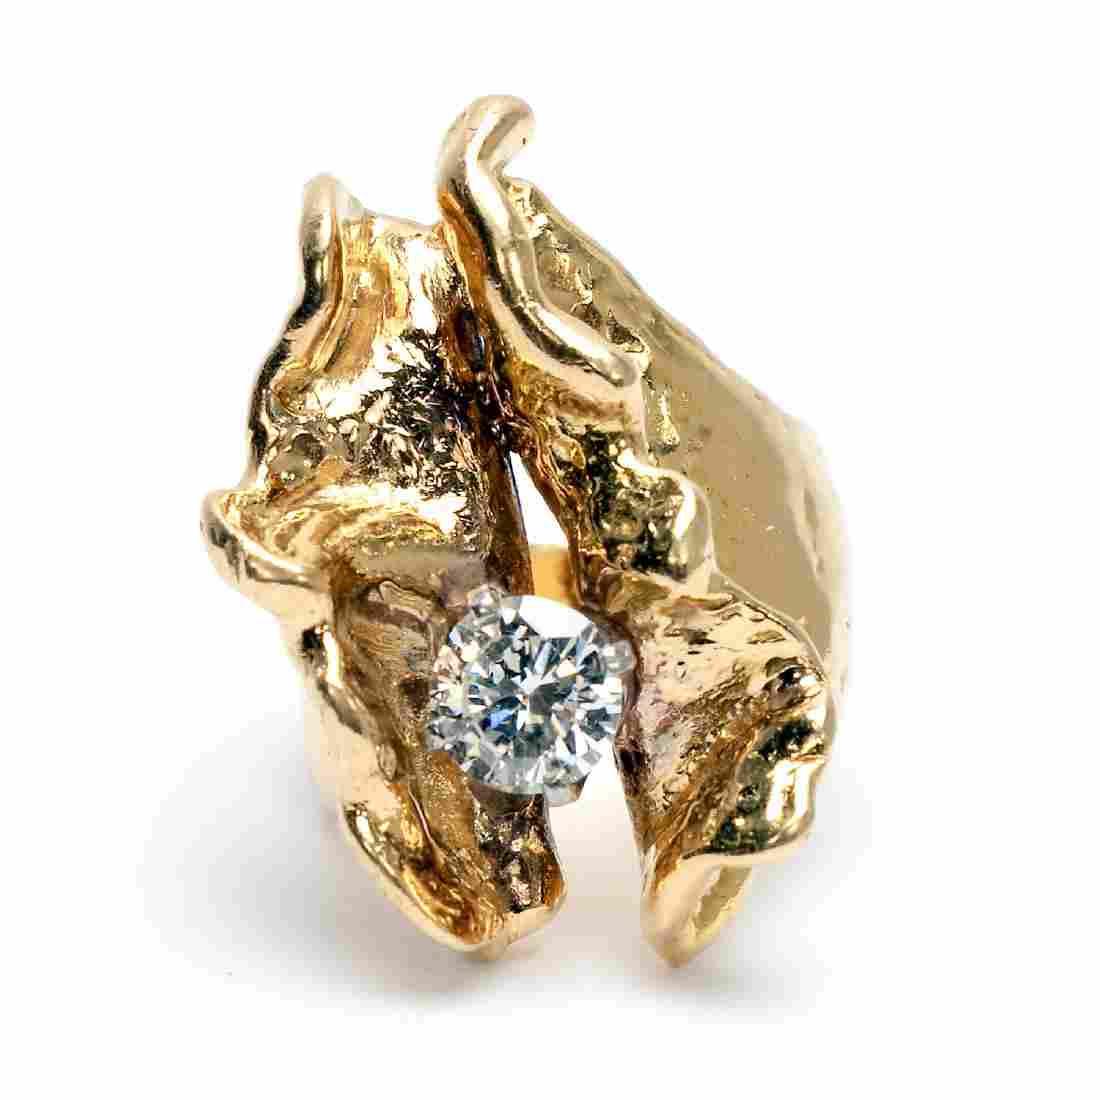 18k Yellow Gold Artisan Ring with GIA Diamond